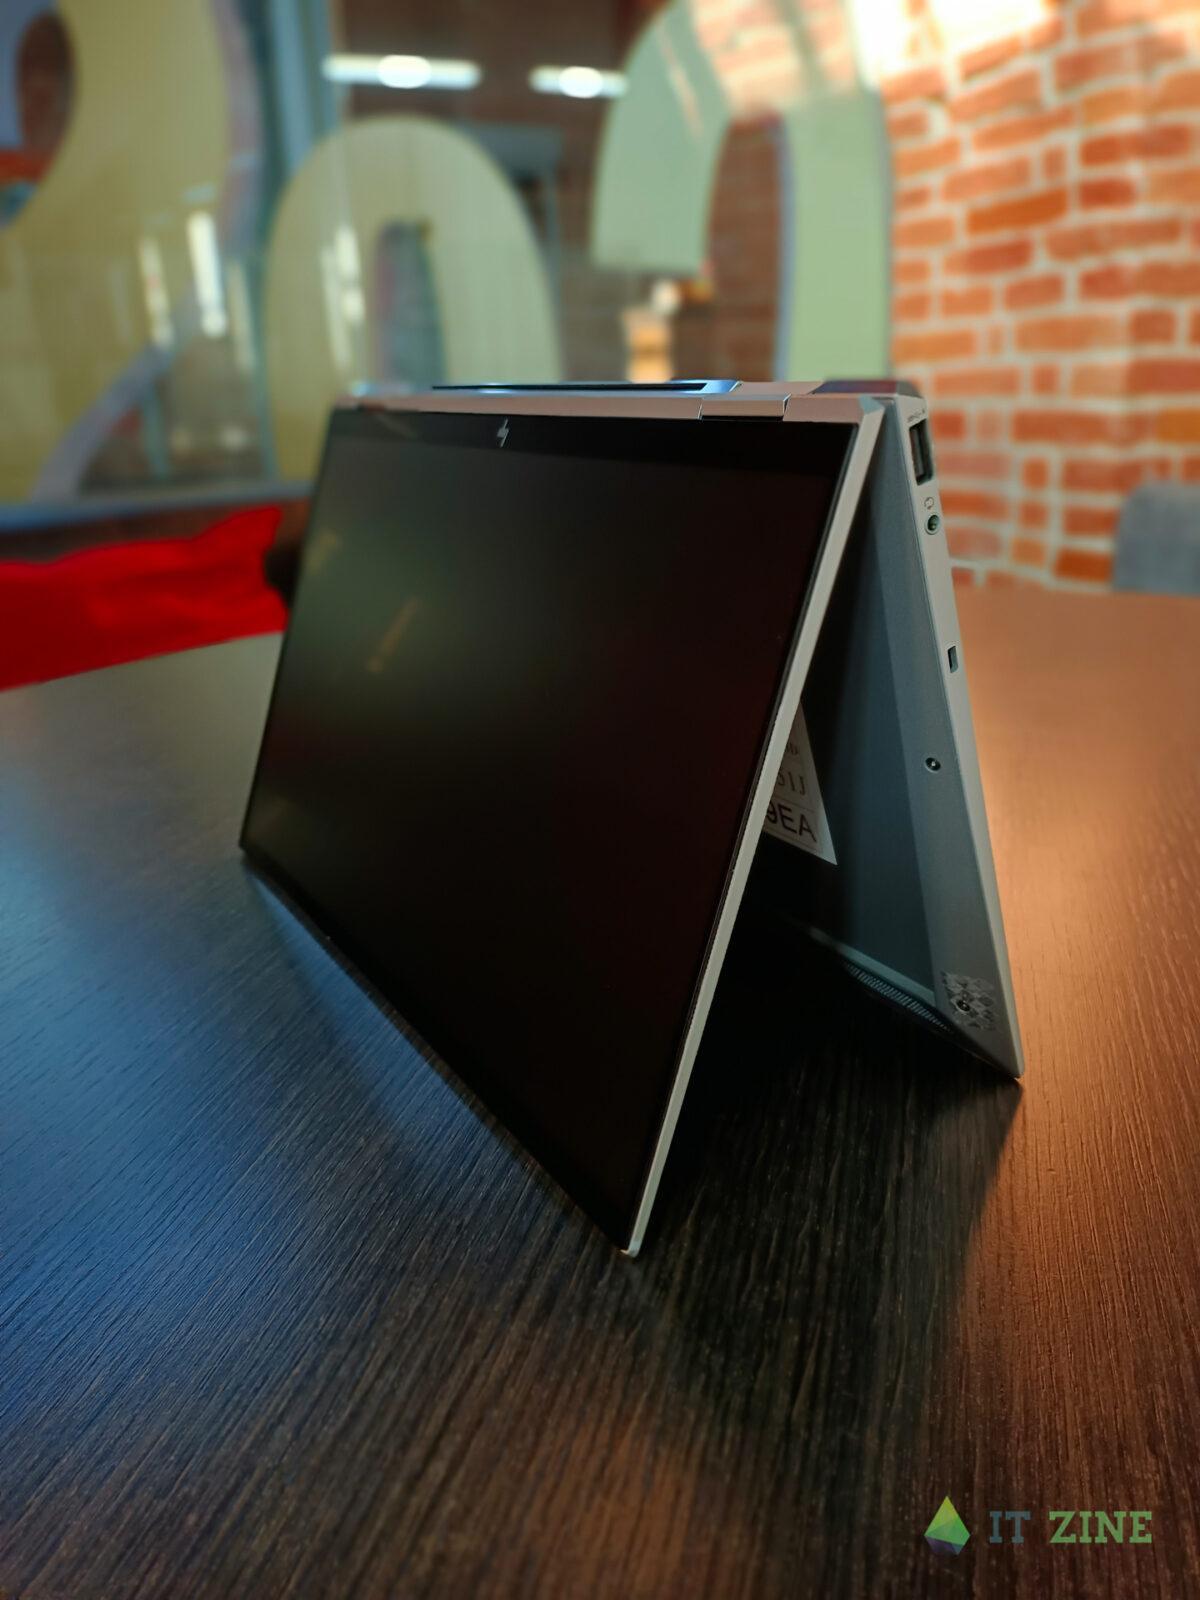 Обзор ноутбука HP EliteBook x360 1040 G7: трансформер для работы и развлечений (hp elitebook 1040 g7 25)